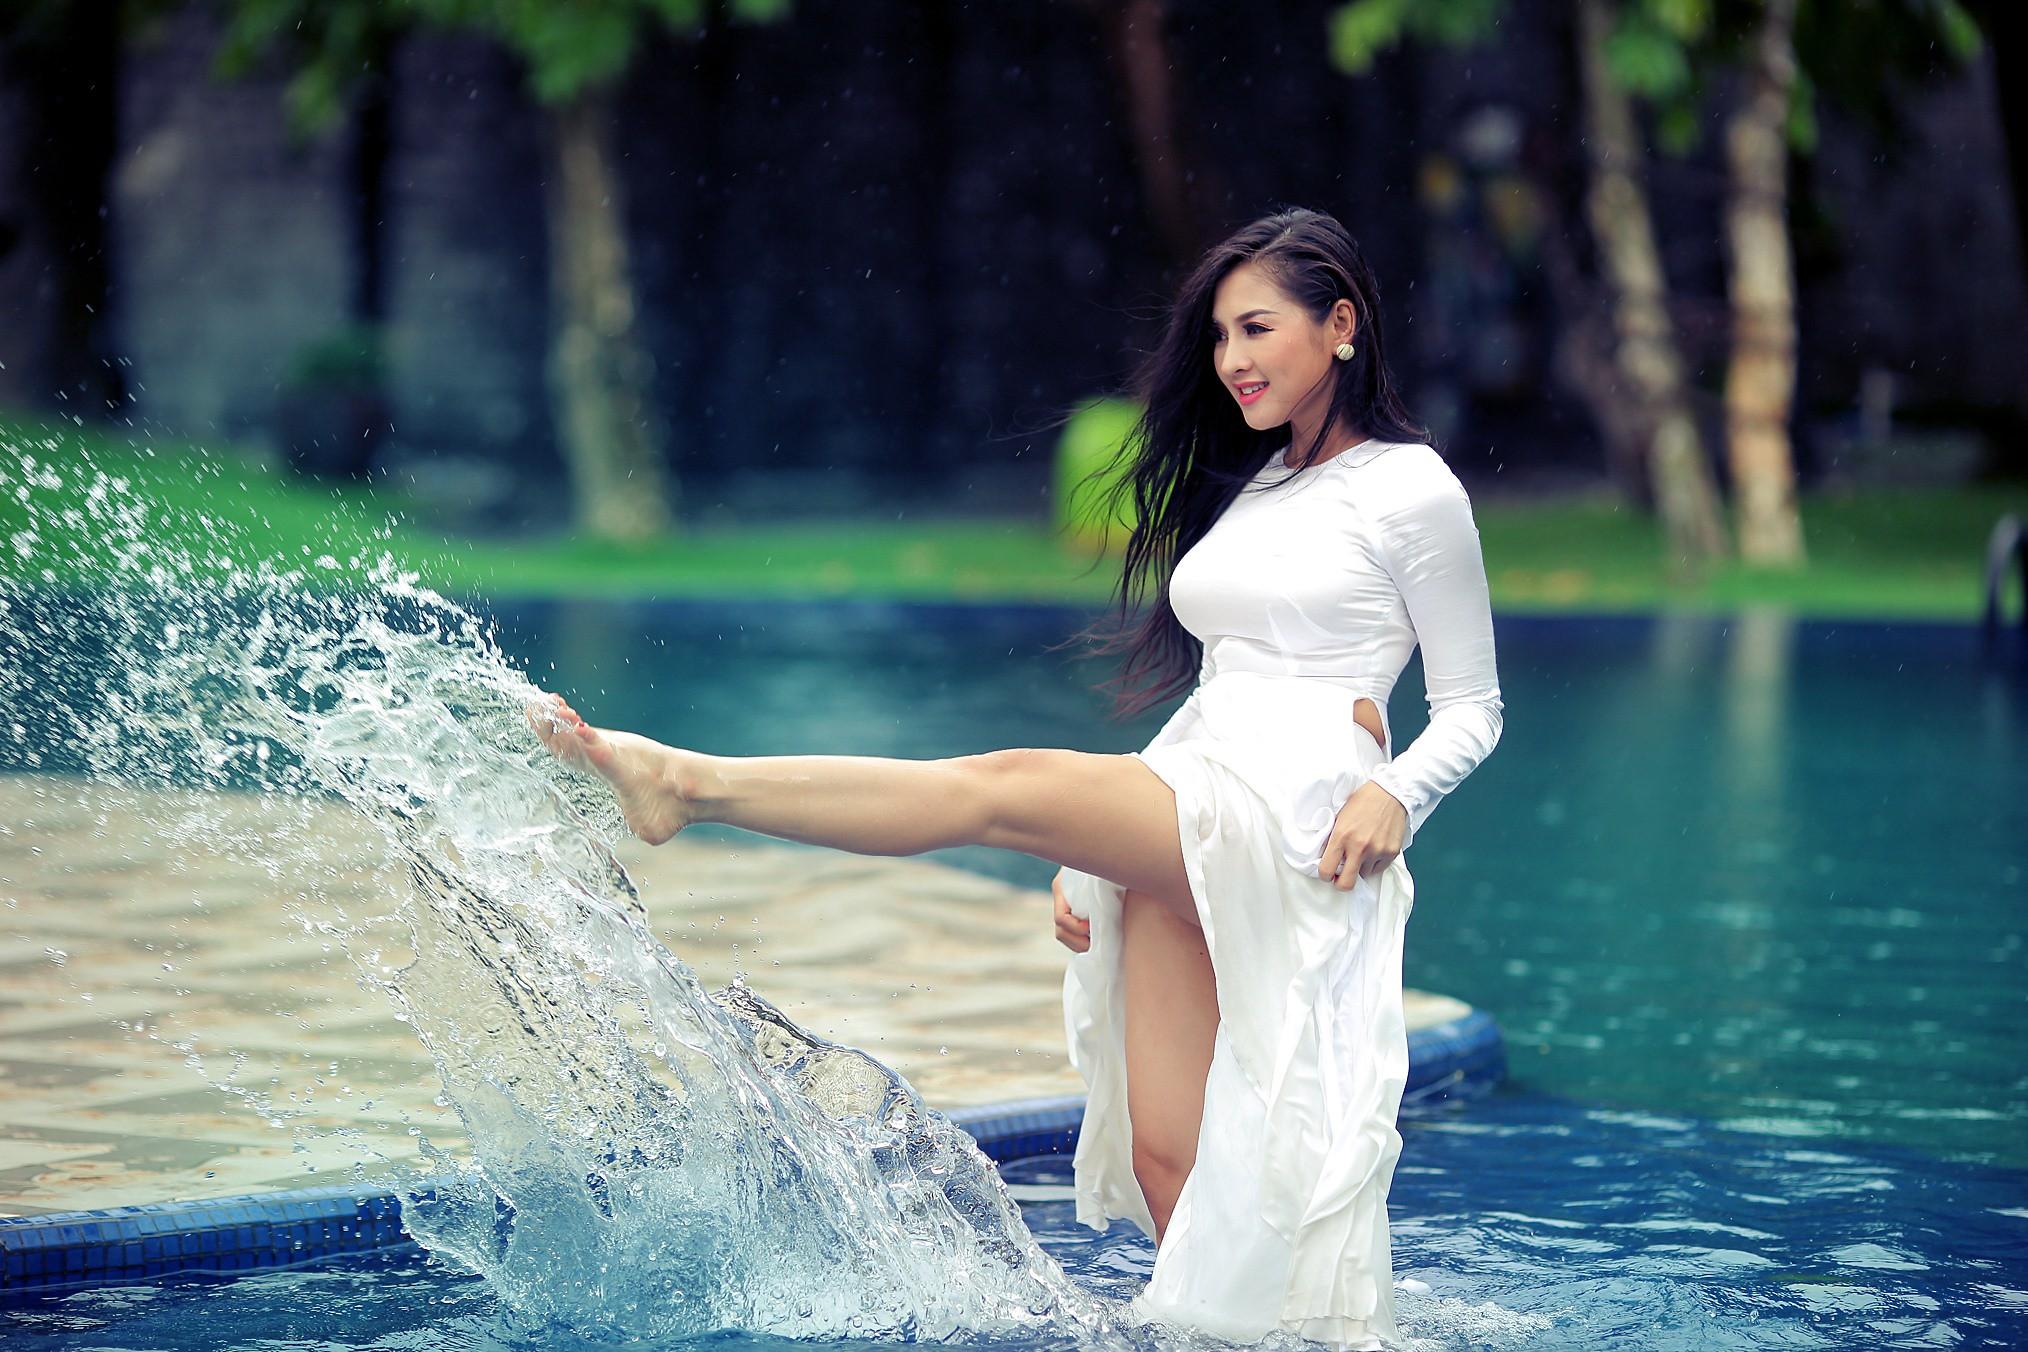 Tuyển tập girl xinh gái đẹp Việt Nam mặc áo dài đẹp mê hồn #57 - 2